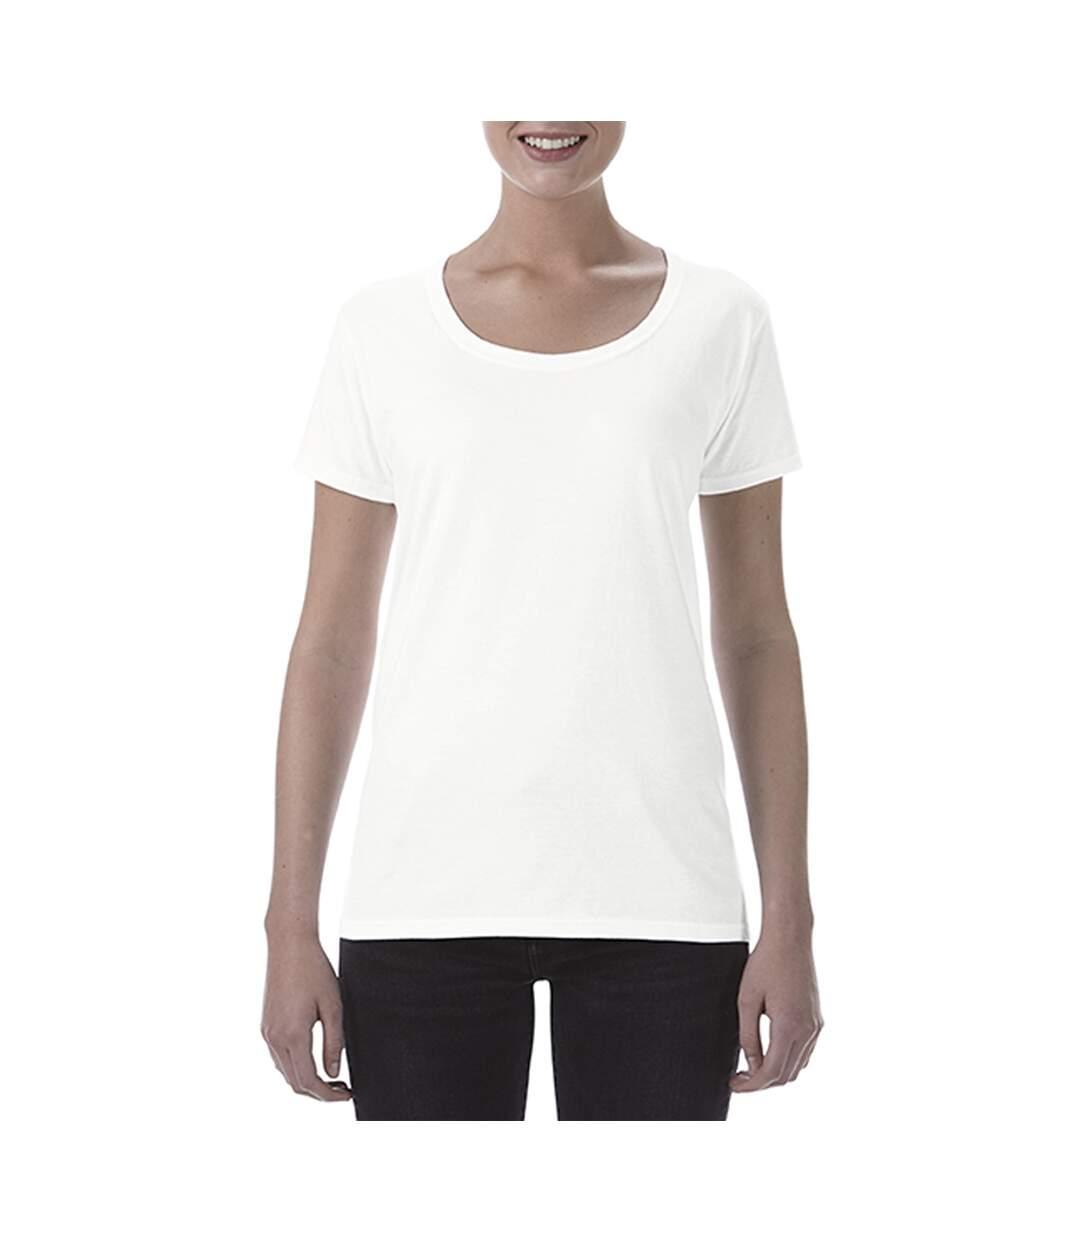 Gildan - T-Shirt À Col Rond - Femme (Blanc) - UTBC3717